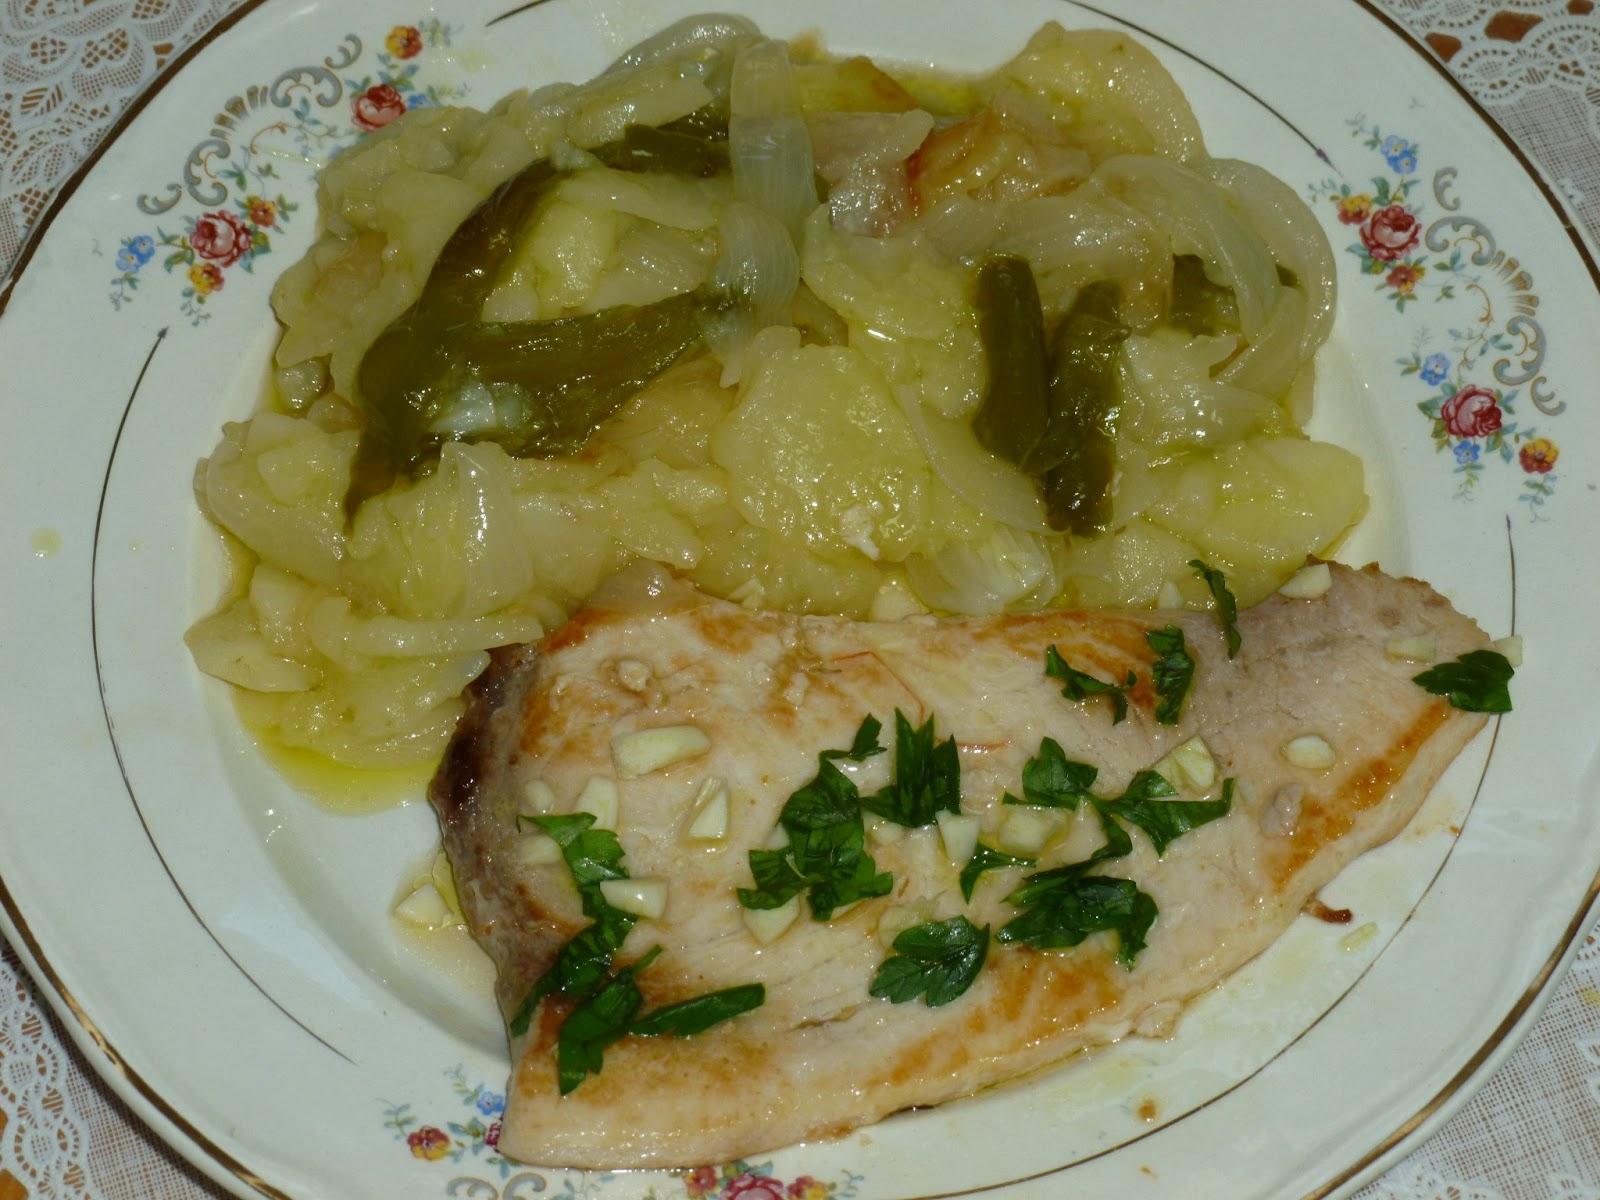 Uva pan y queso pez espada a la plancha con patatas a for Pez espada fresco